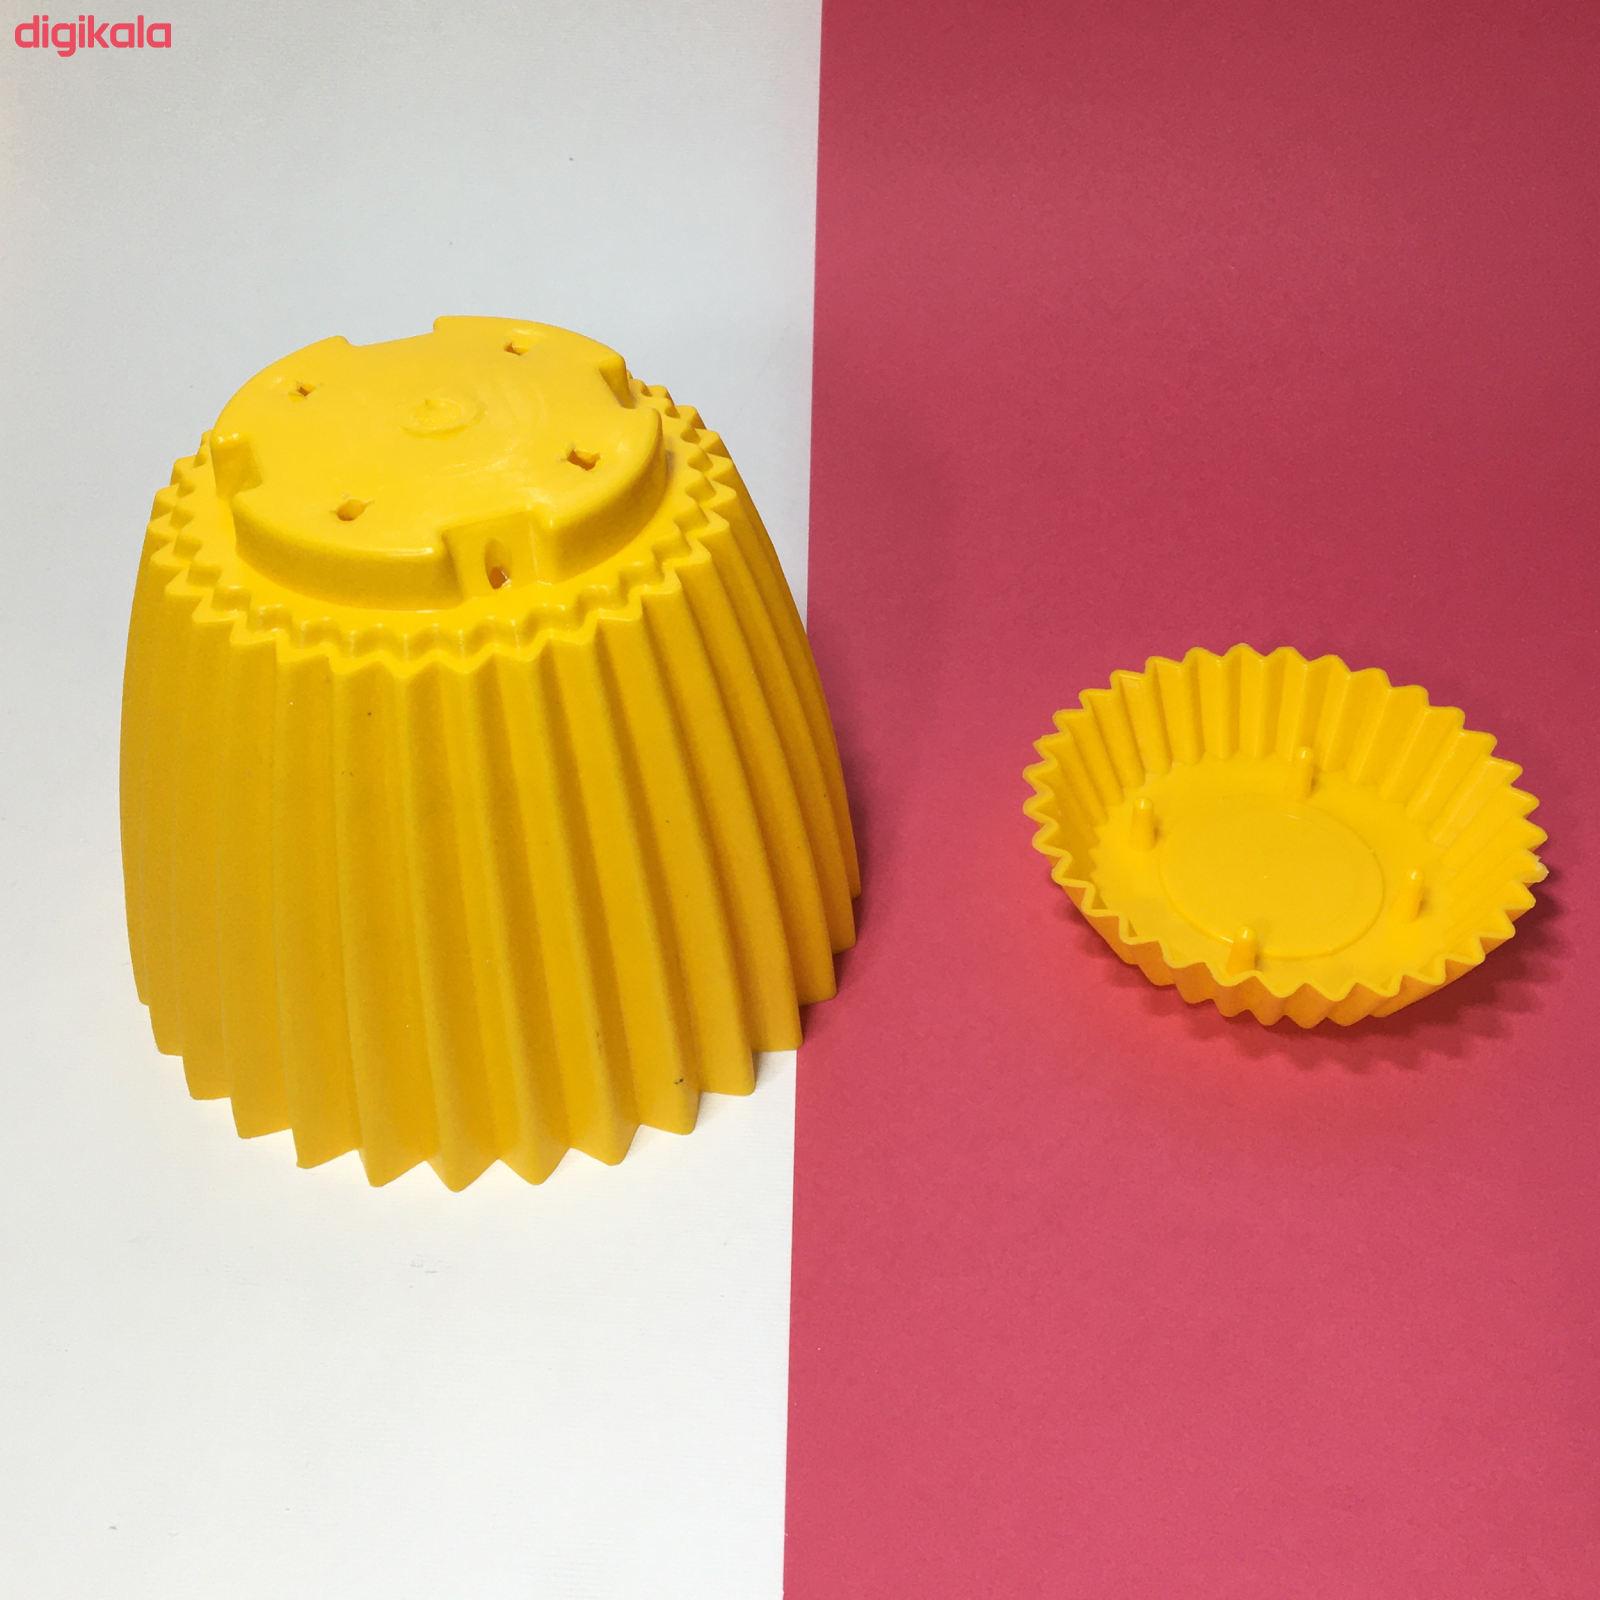 گلدان دانیال پلاستیک کد 210 main 1 5